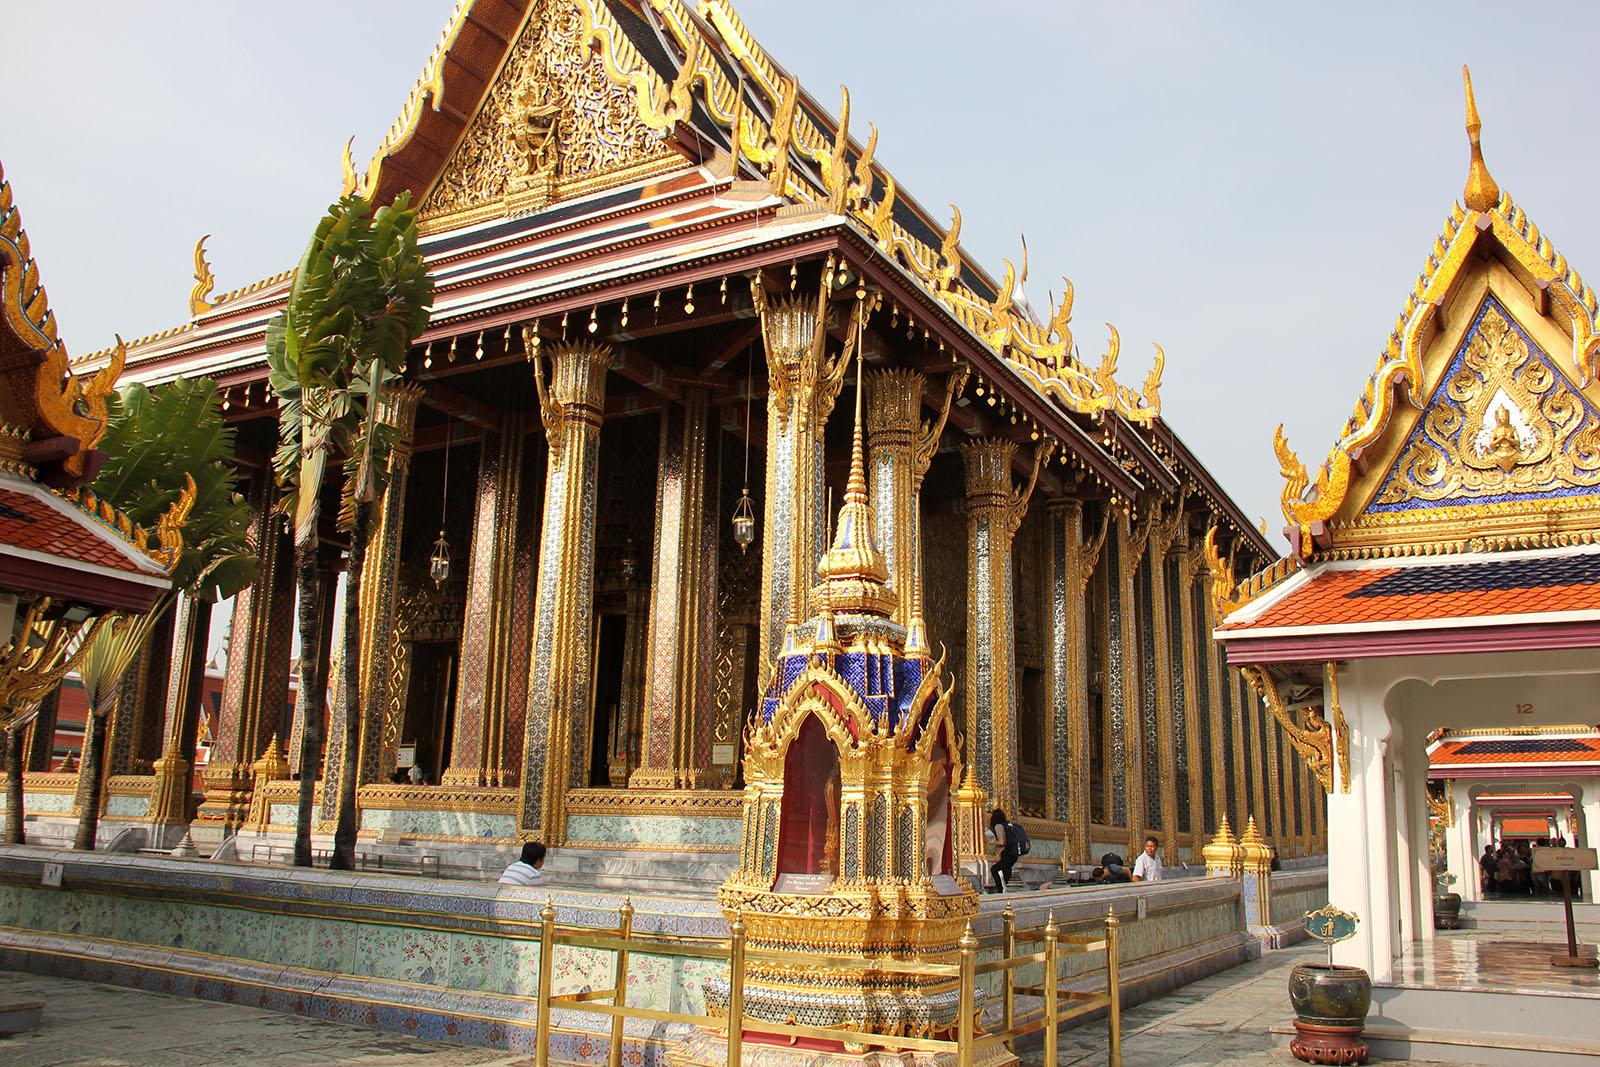 grattis por royal thai